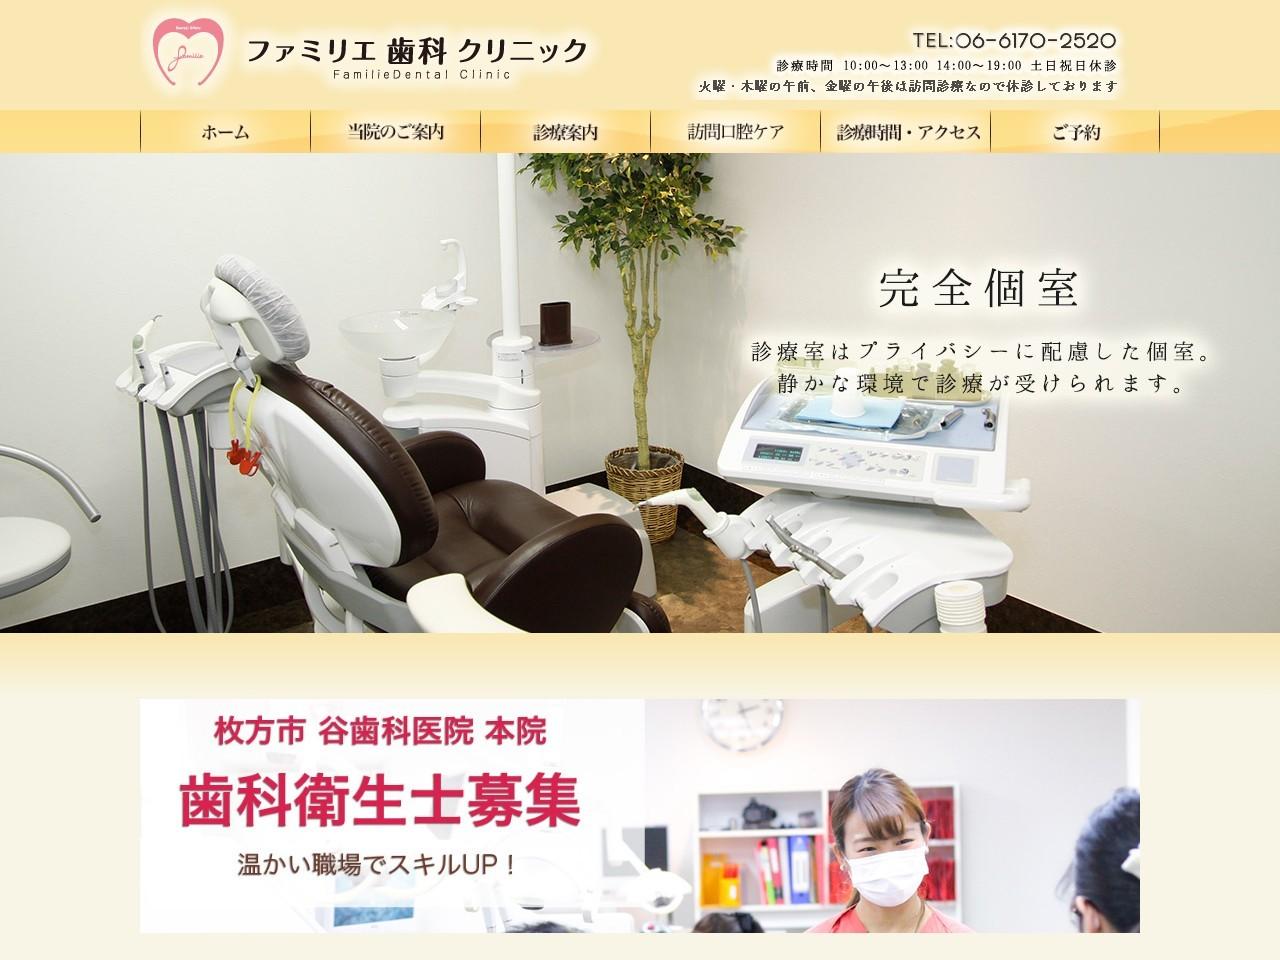 医療法人慧香会  谷歯科医院 (大阪府大阪市中央区)